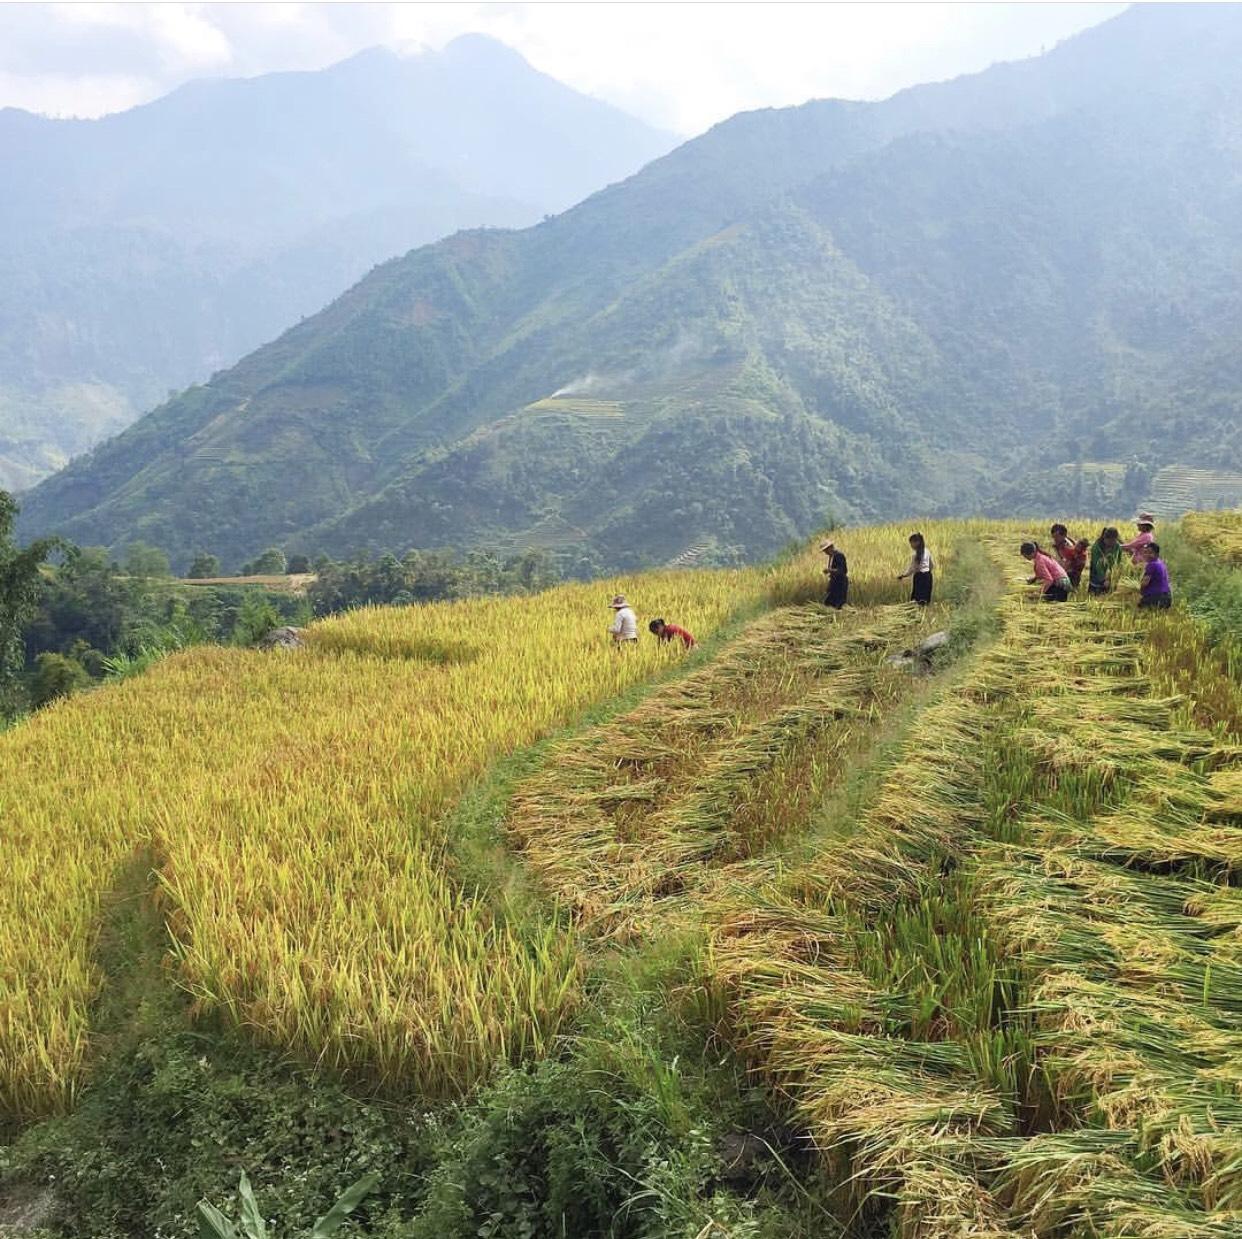 Mua Lua Chin Sapa La Thang May (2)